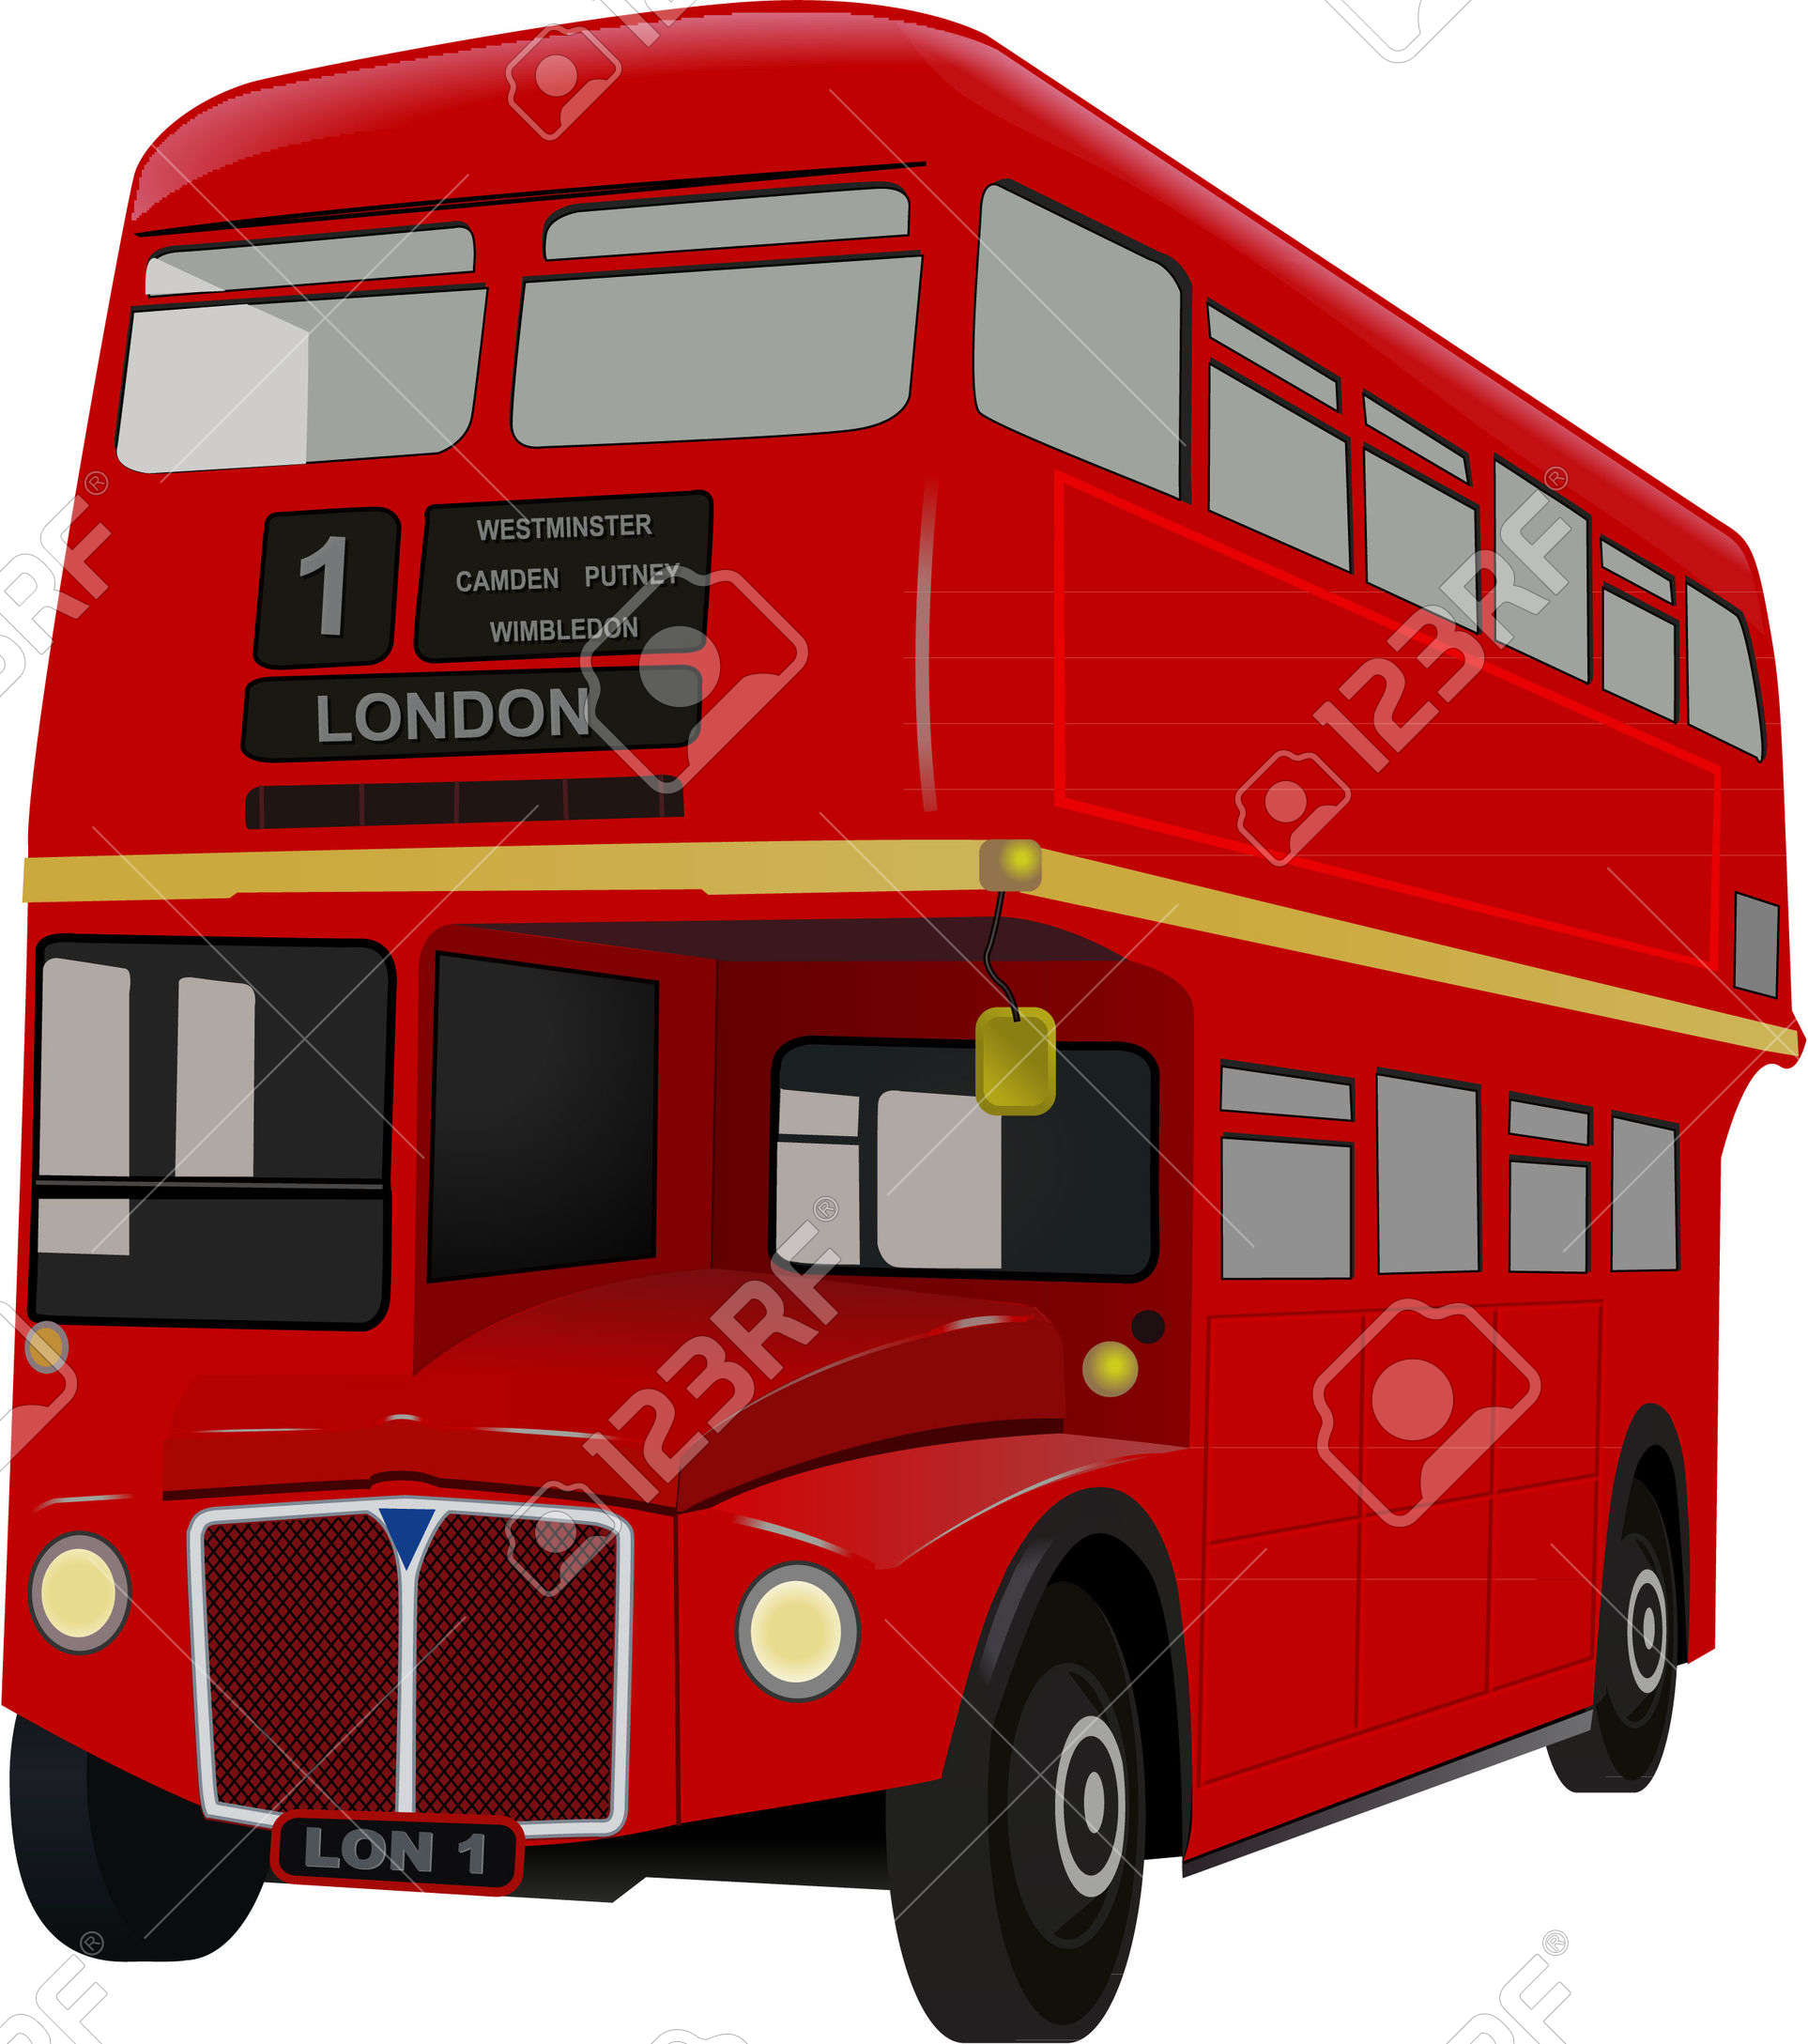 London bus images clip art.